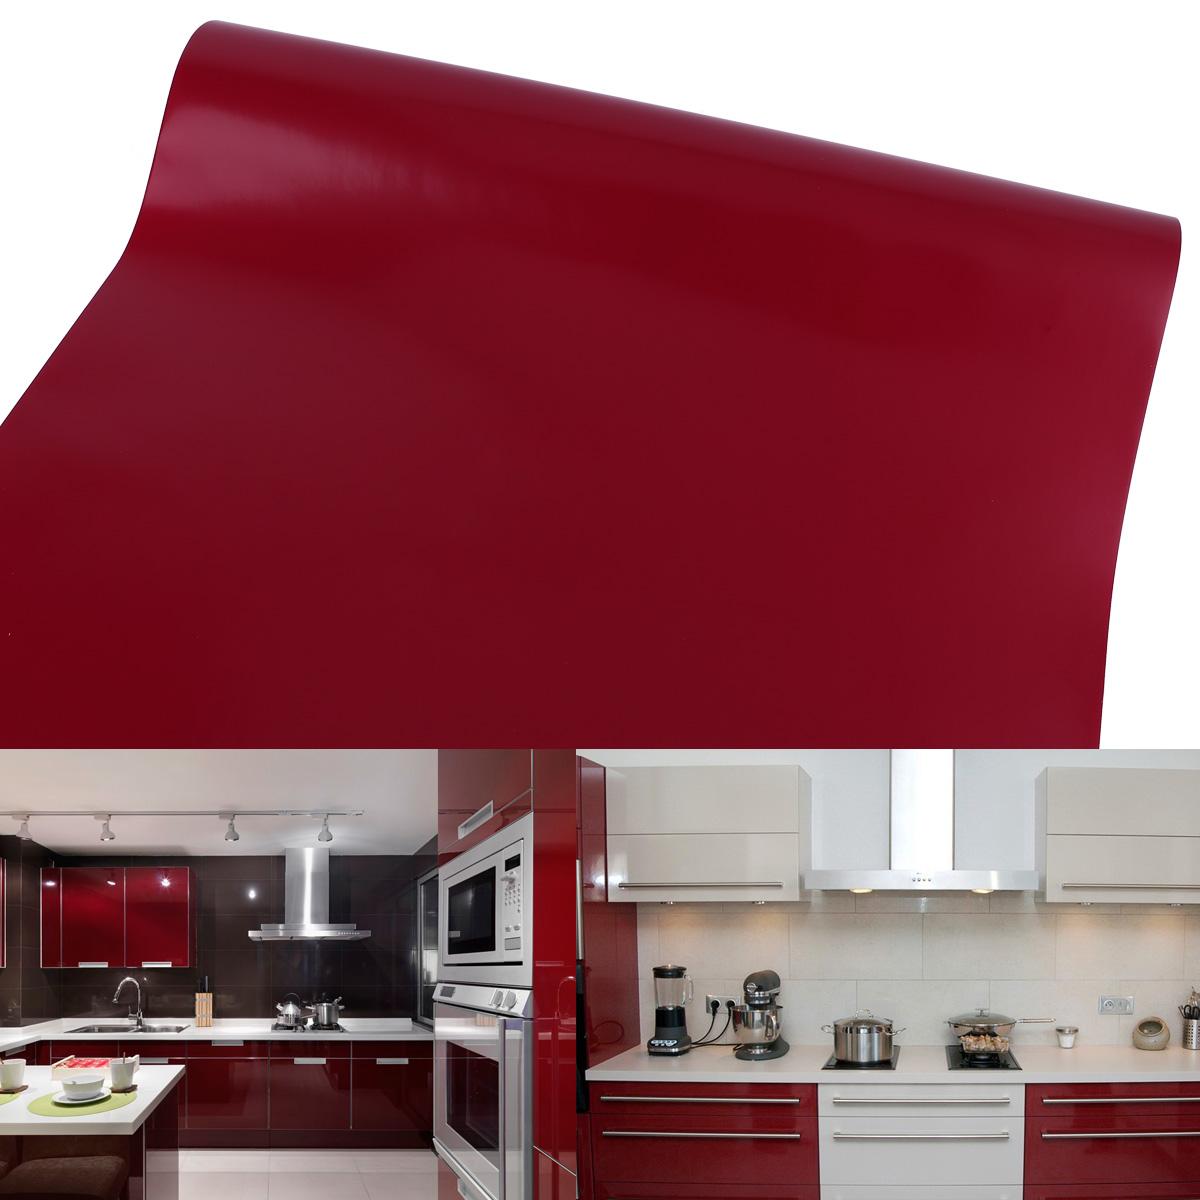 10m x 61cm rot m belfolie selbstklebefolie klebefolie for Klebefolie rot